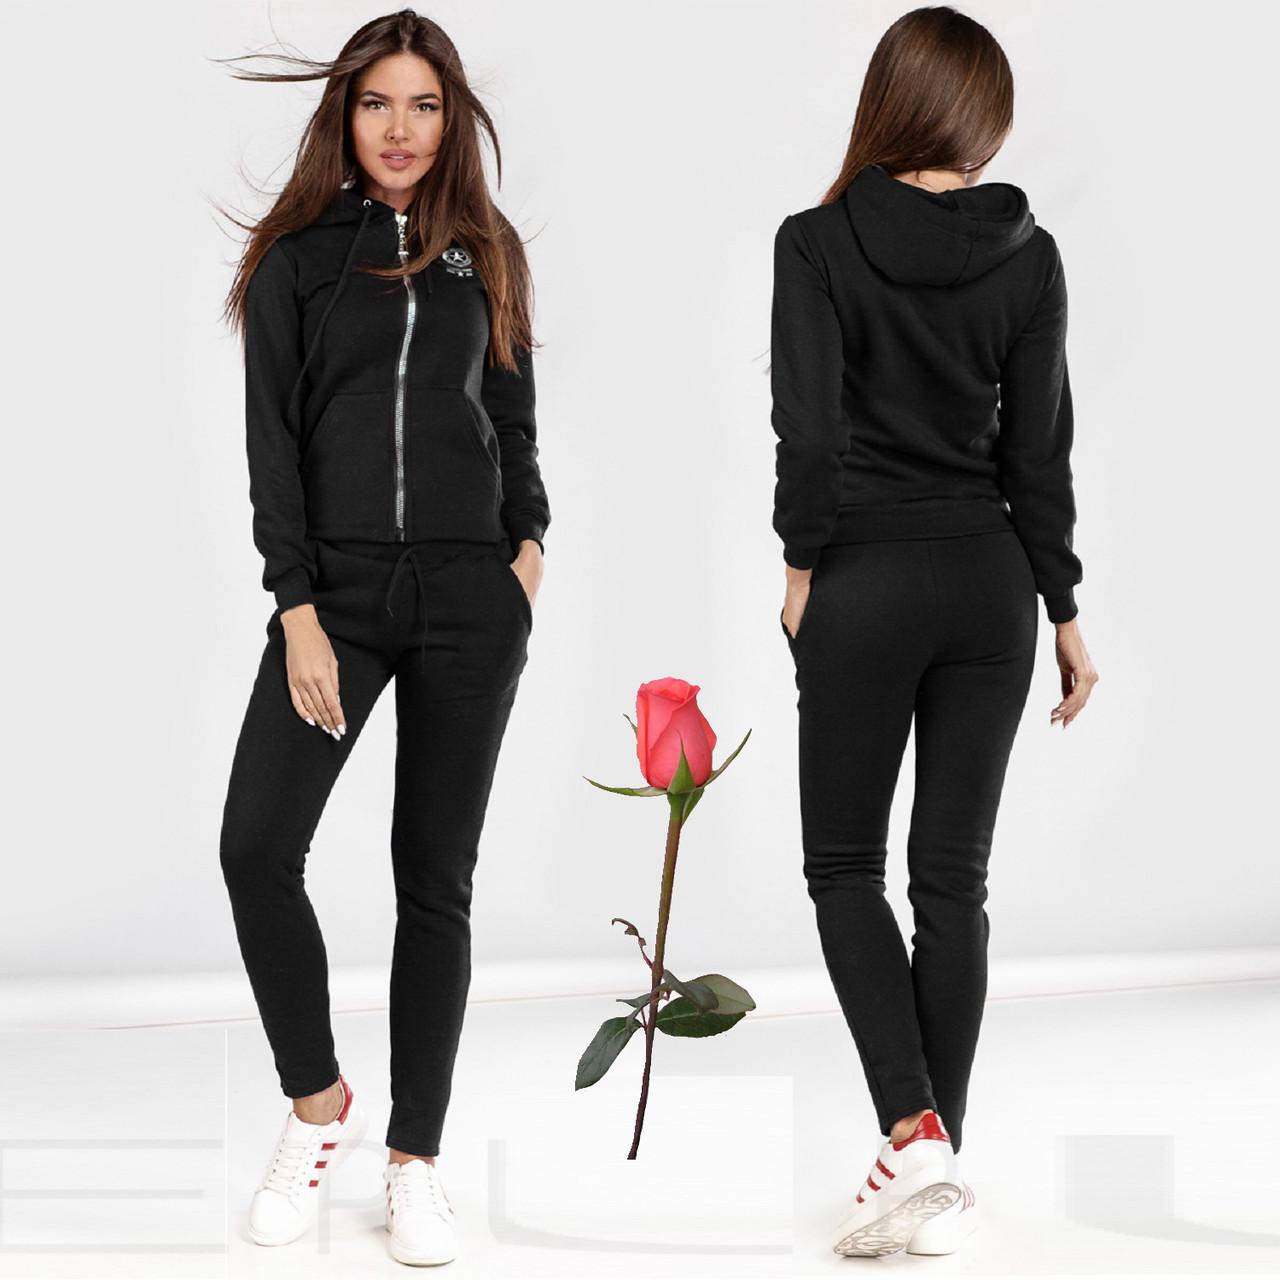 Женский зимний спортивный костюм на флисе  Gr 23757  Черный